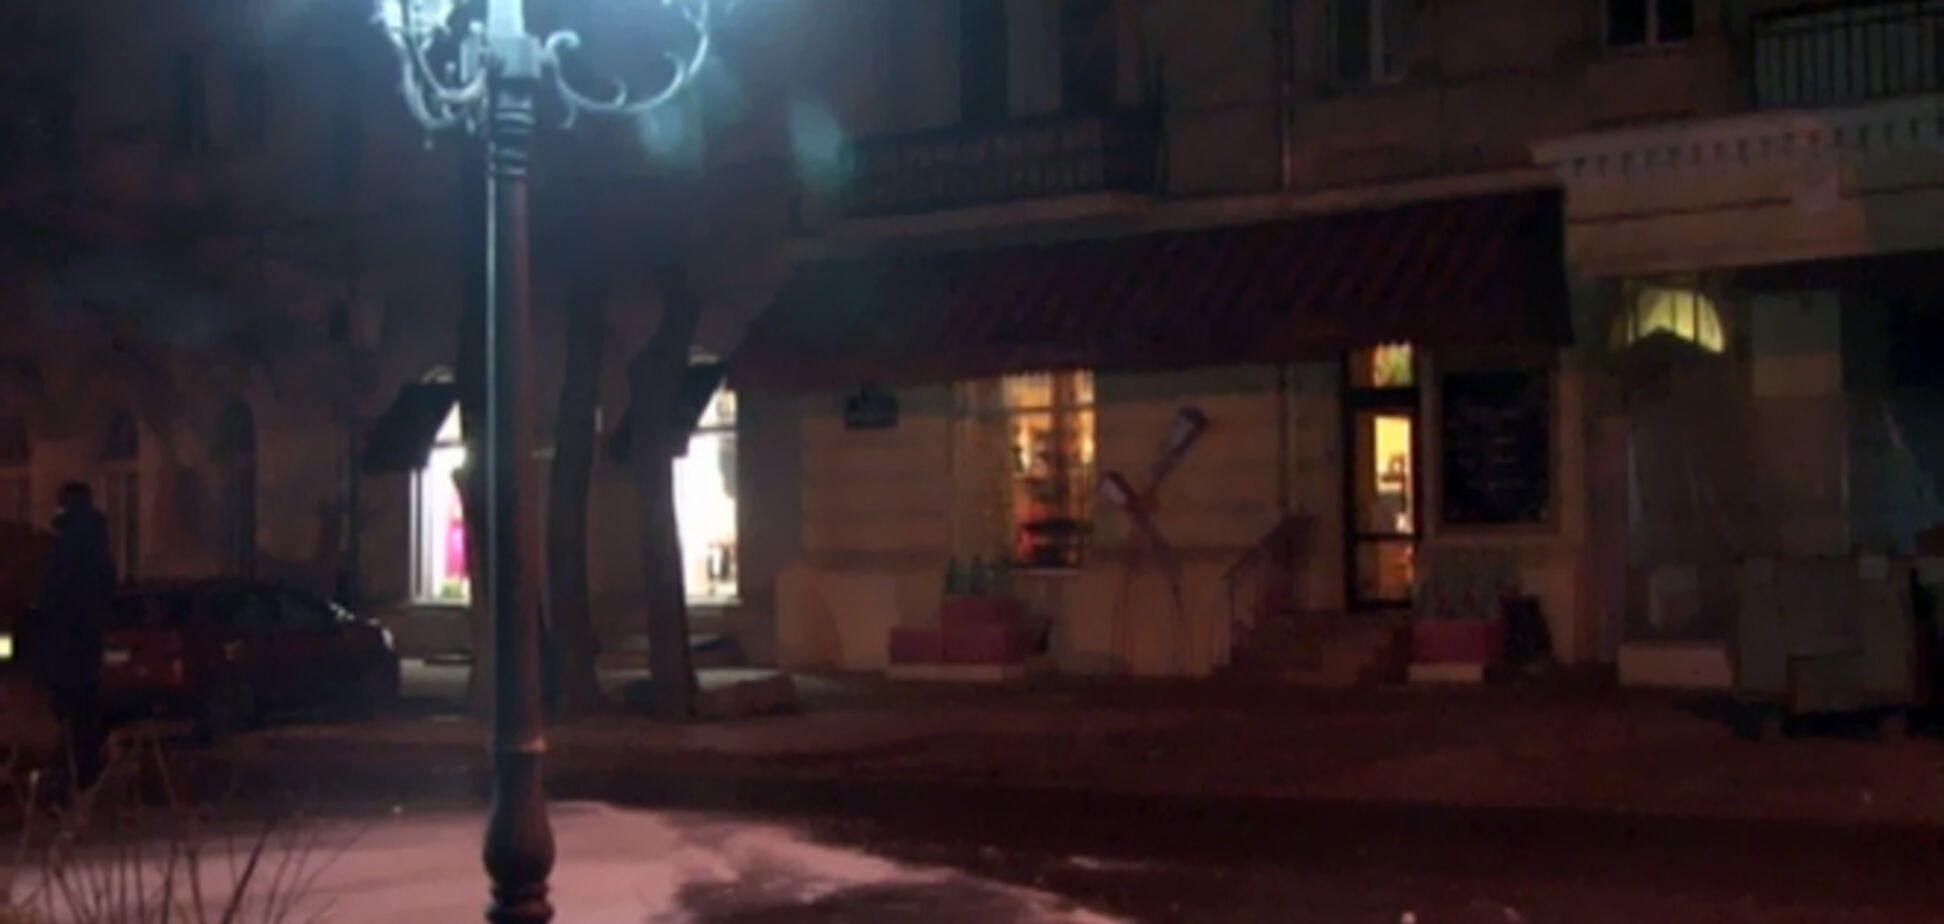 В Одессе робот обезвредил взрывчатку, подброшенную к бару: опубликованы фото и видео